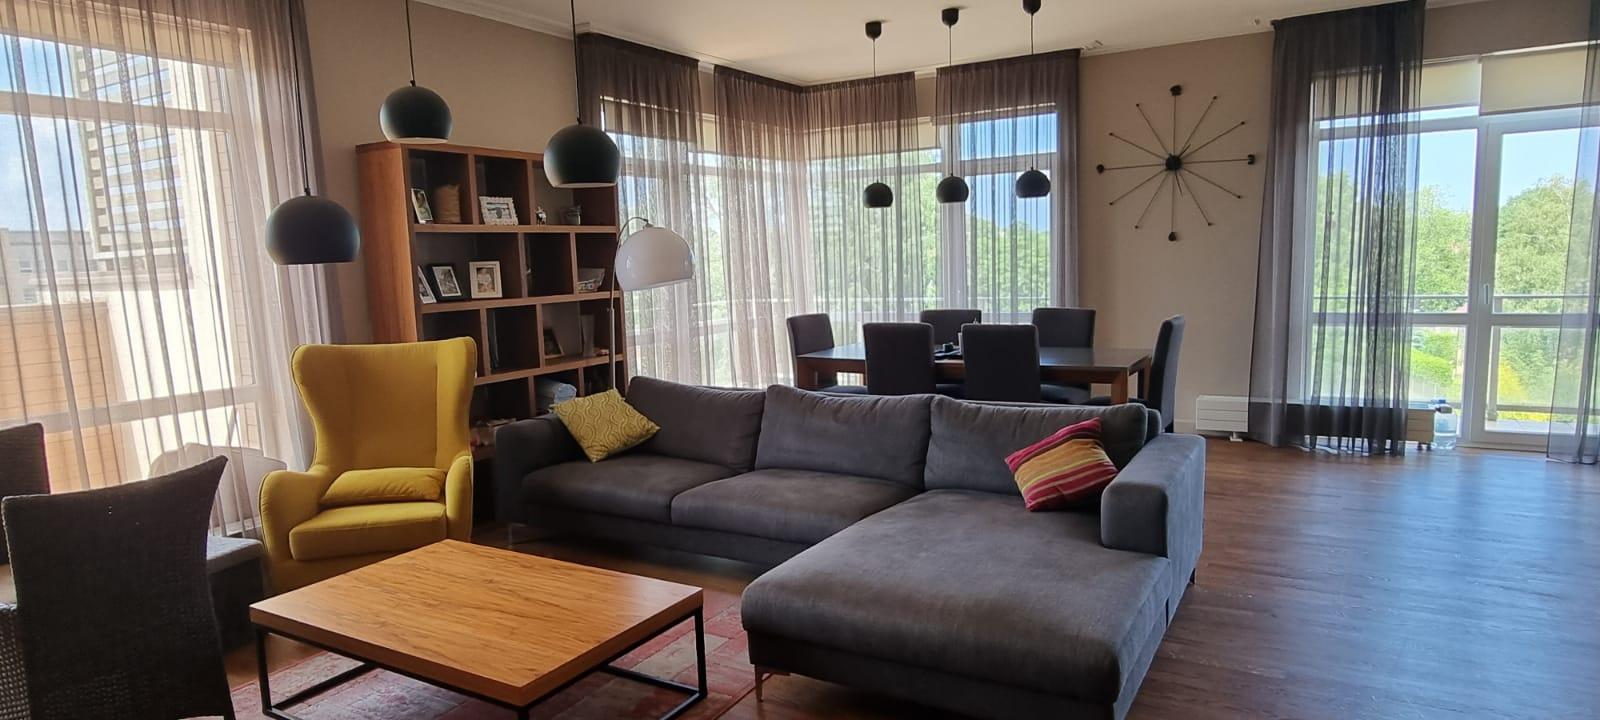 Продаётся квартира в тихом месте Юрмалы